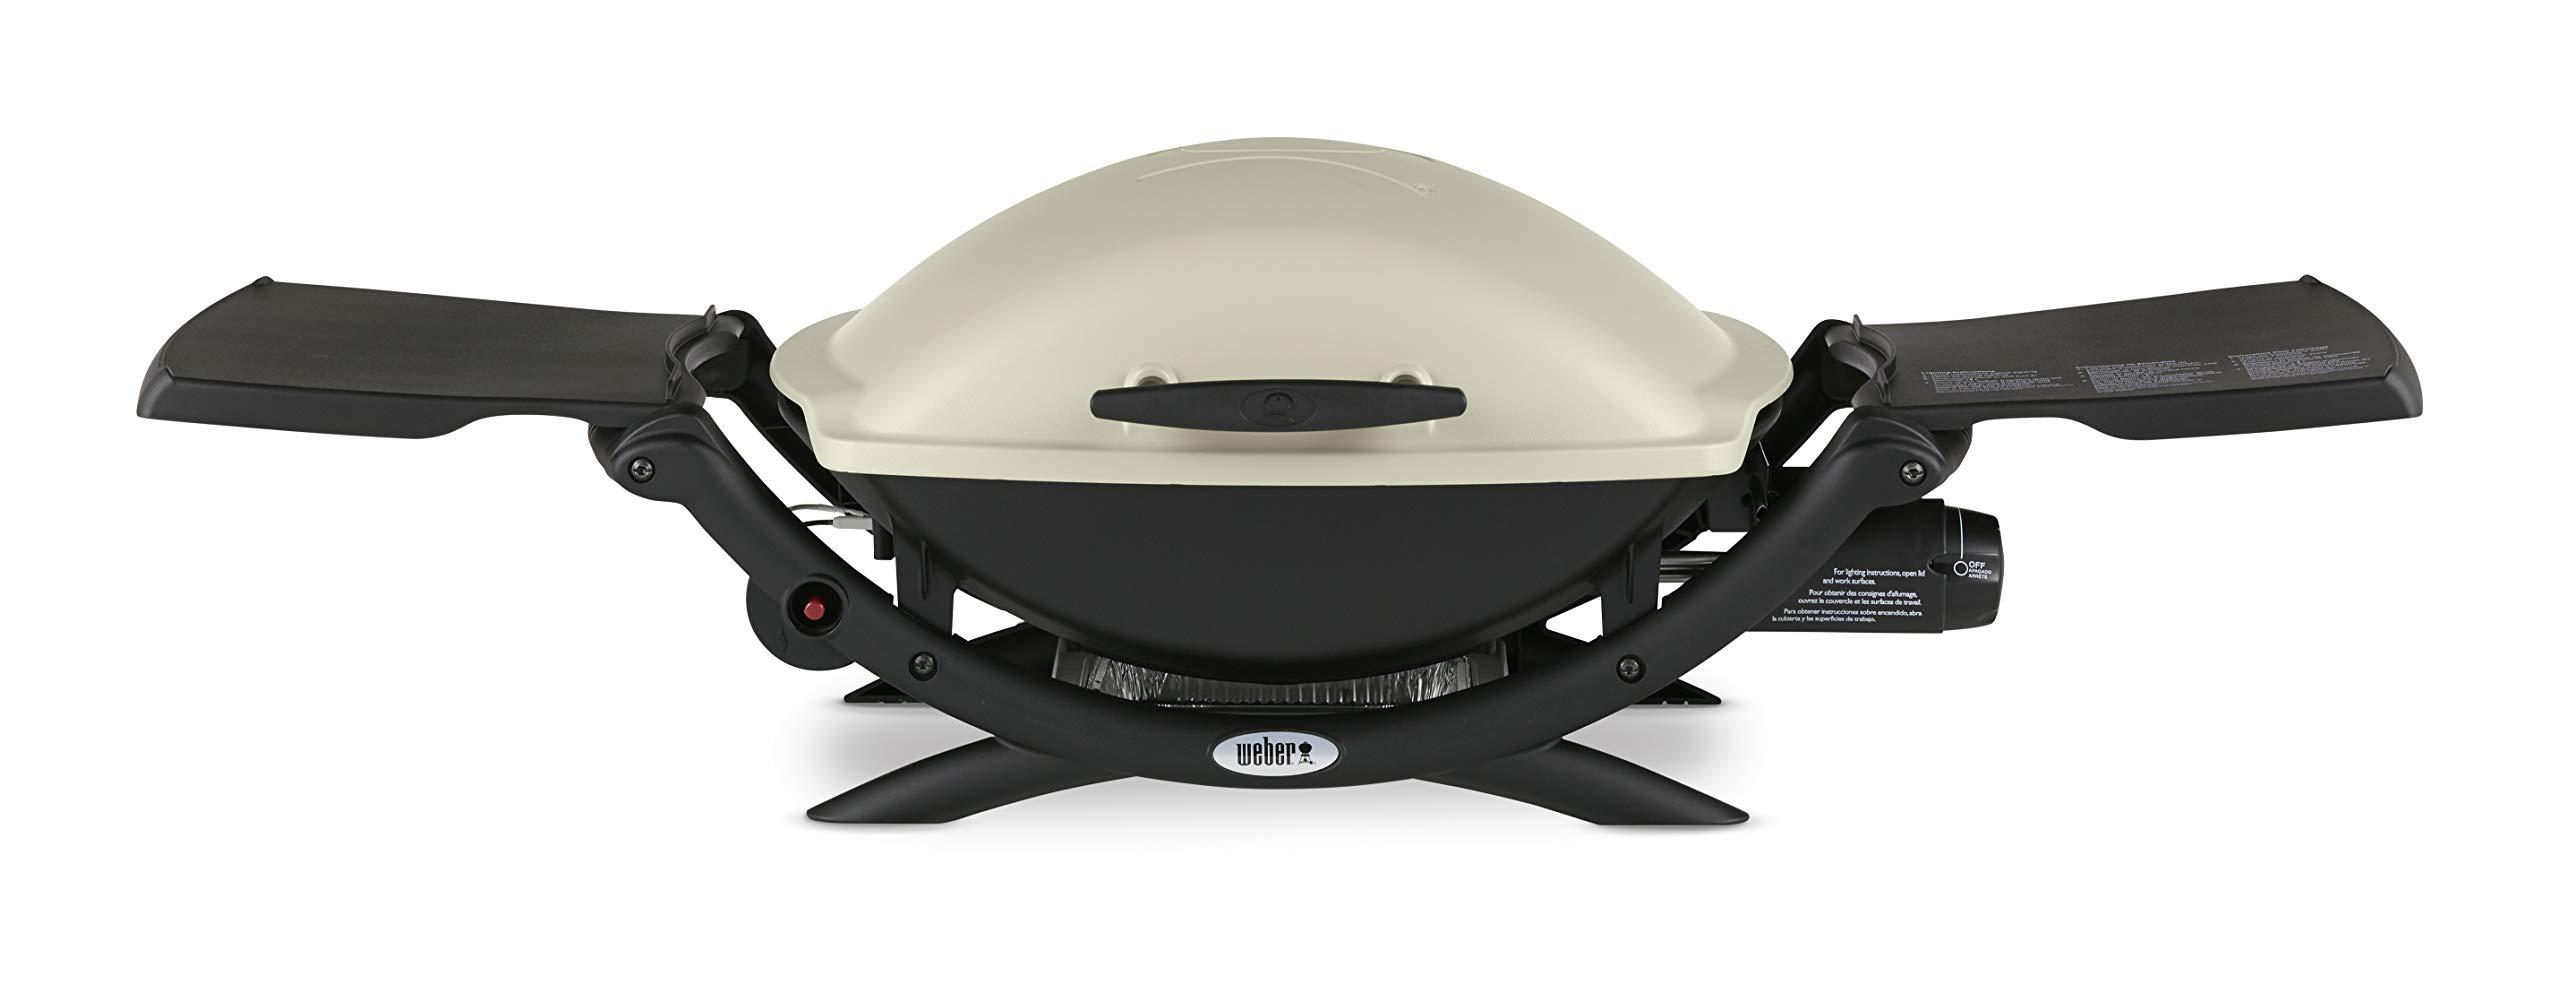 Weber 53060001 Q2000 Liquid Propane Grill by Weber